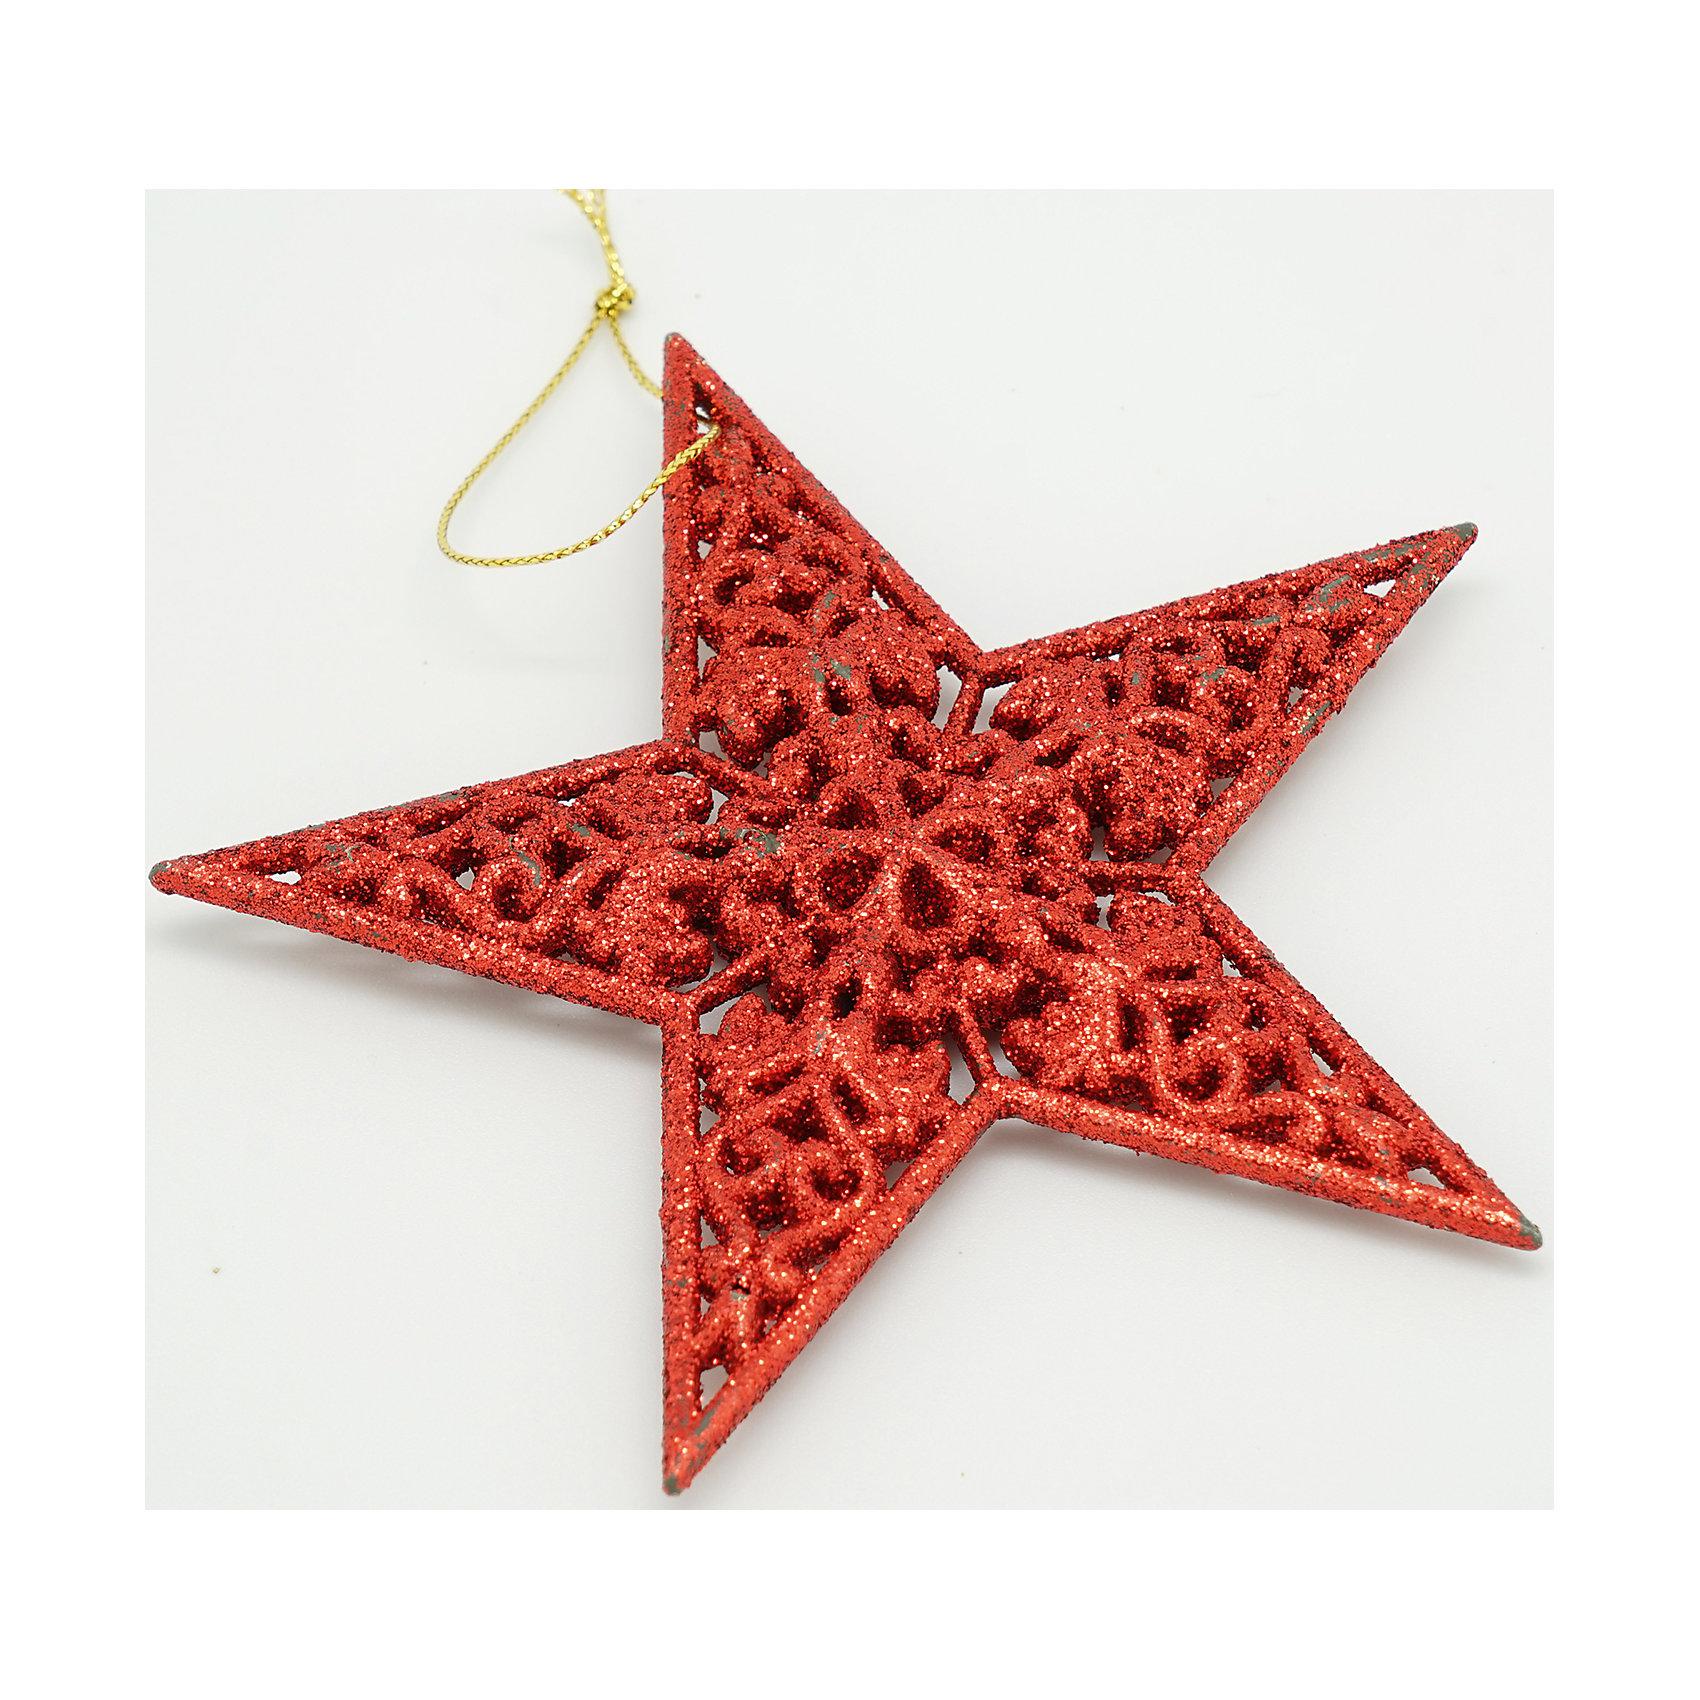 Декоративное подвесное украшение из пластика в глиттере Звезды объемныеХарактеристики товара:<br><br>• цвет: красный<br>• материал: акрил<br>• не бьётся<br>• в глиттере<br>• комплектация: 1 шт<br>• с подвесом<br>• для украшения интерьера или ёлки<br>• страна производства: Китай<br><br>Украшение ёлки и интерьера - любимое занятие детей и взрослых. Новогодний антураж трудно представить без сияющих подвесных украшений! Это изделие будет хорошо смотреться в окружении любой цветовой гаммы, оно качественно выполнено и нарядно выглядит. С помощью него можно оригинально декорировать квартиру к празднику или украсить ёлку, причем участвовать могут даже малыши - украшение не разобьется.<br>Такие небольшие детали и создают праздник! От них во многом зависит хорошее новогоднее настроение. Изделие производится из качественных сертифицированных материалов, безопасных даже для самых маленьких.<br><br>Декоративное подвесное украшение из пластика в глиттере Звезды объемные можно купить в нашем интернет-магазине.<br><br>Ширина мм: 80<br>Глубина мм: 80<br>Высота мм: 20<br>Вес г: 100<br>Возраст от месяцев: 72<br>Возраст до месяцев: 480<br>Пол: Унисекс<br>Возраст: Детский<br>SKU: 5051721